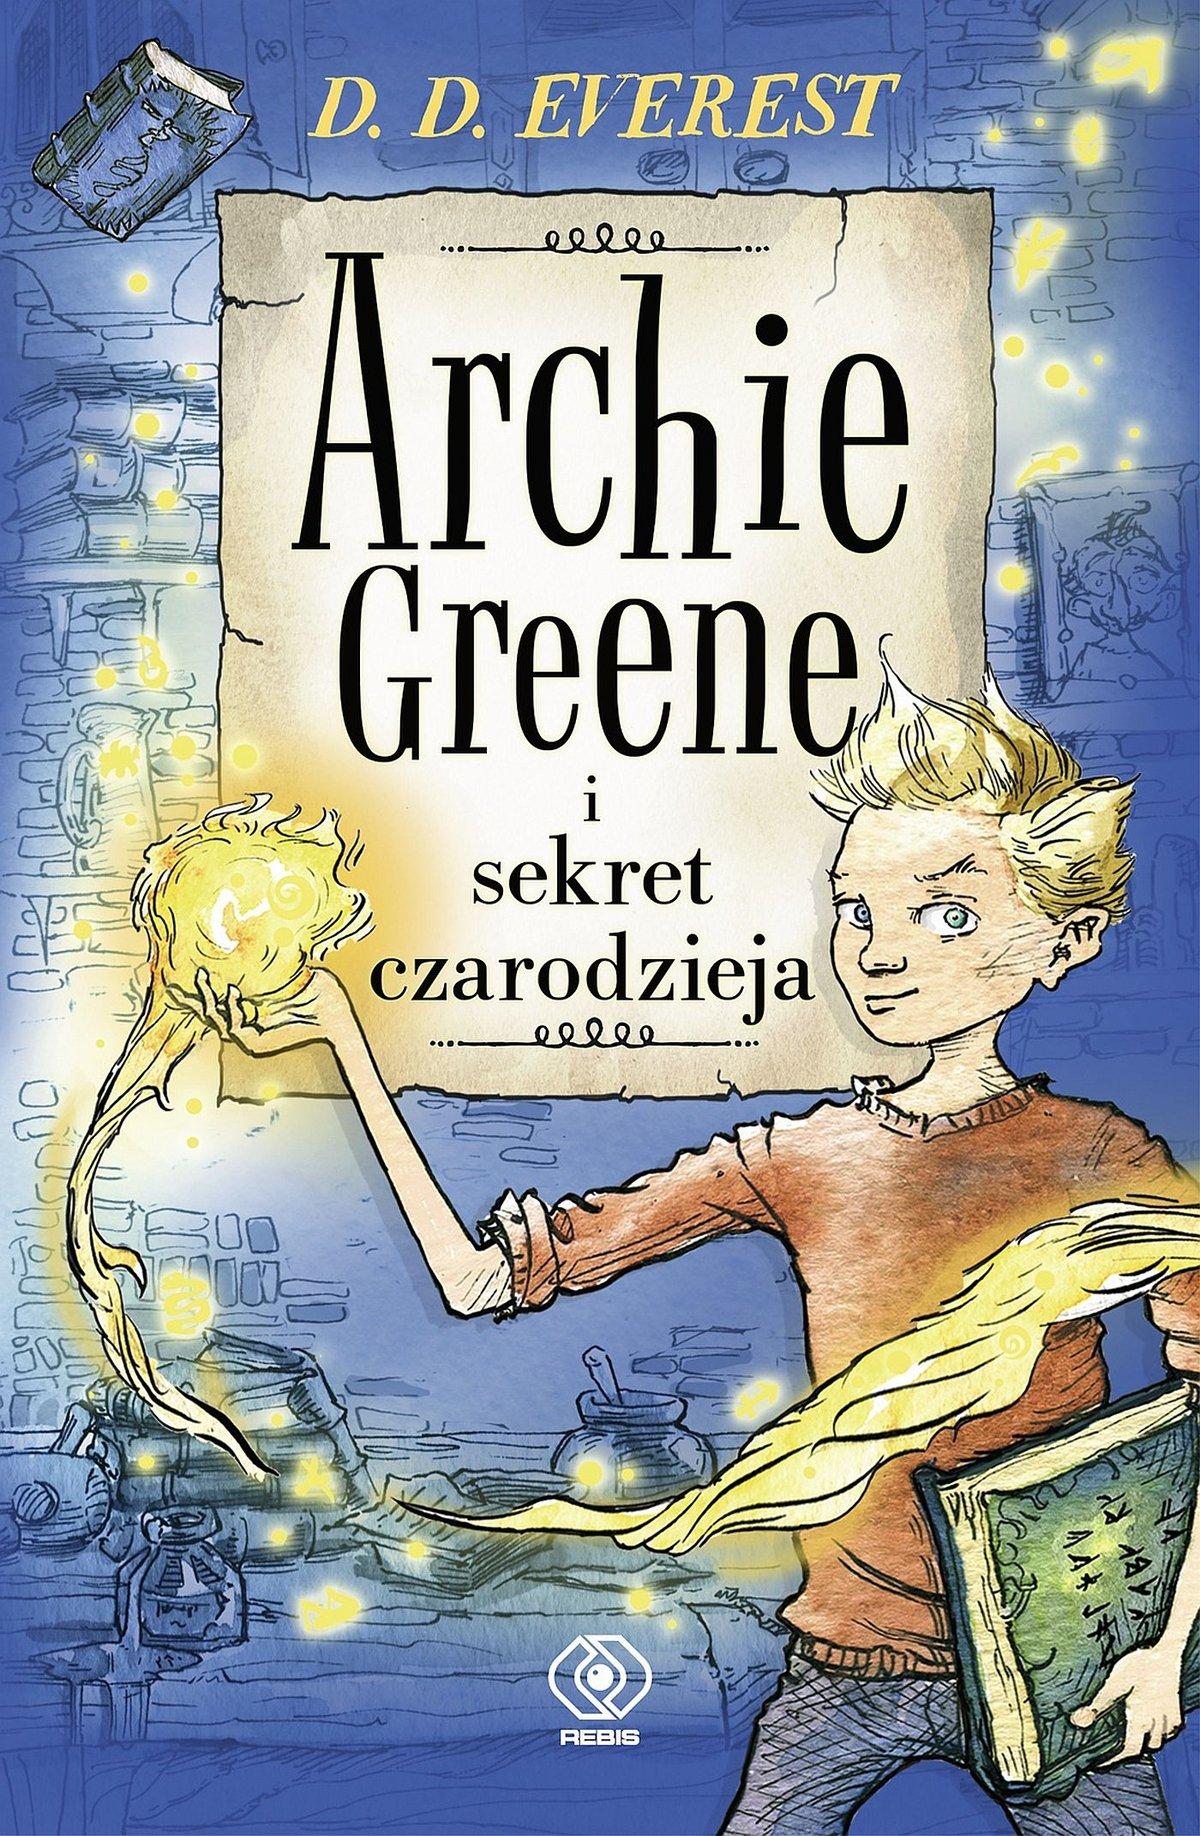 Archie Greene i sekret czarodzieja. Tom 1 - Ebook (Książka EPUB) do pobrania w formacie EPUB